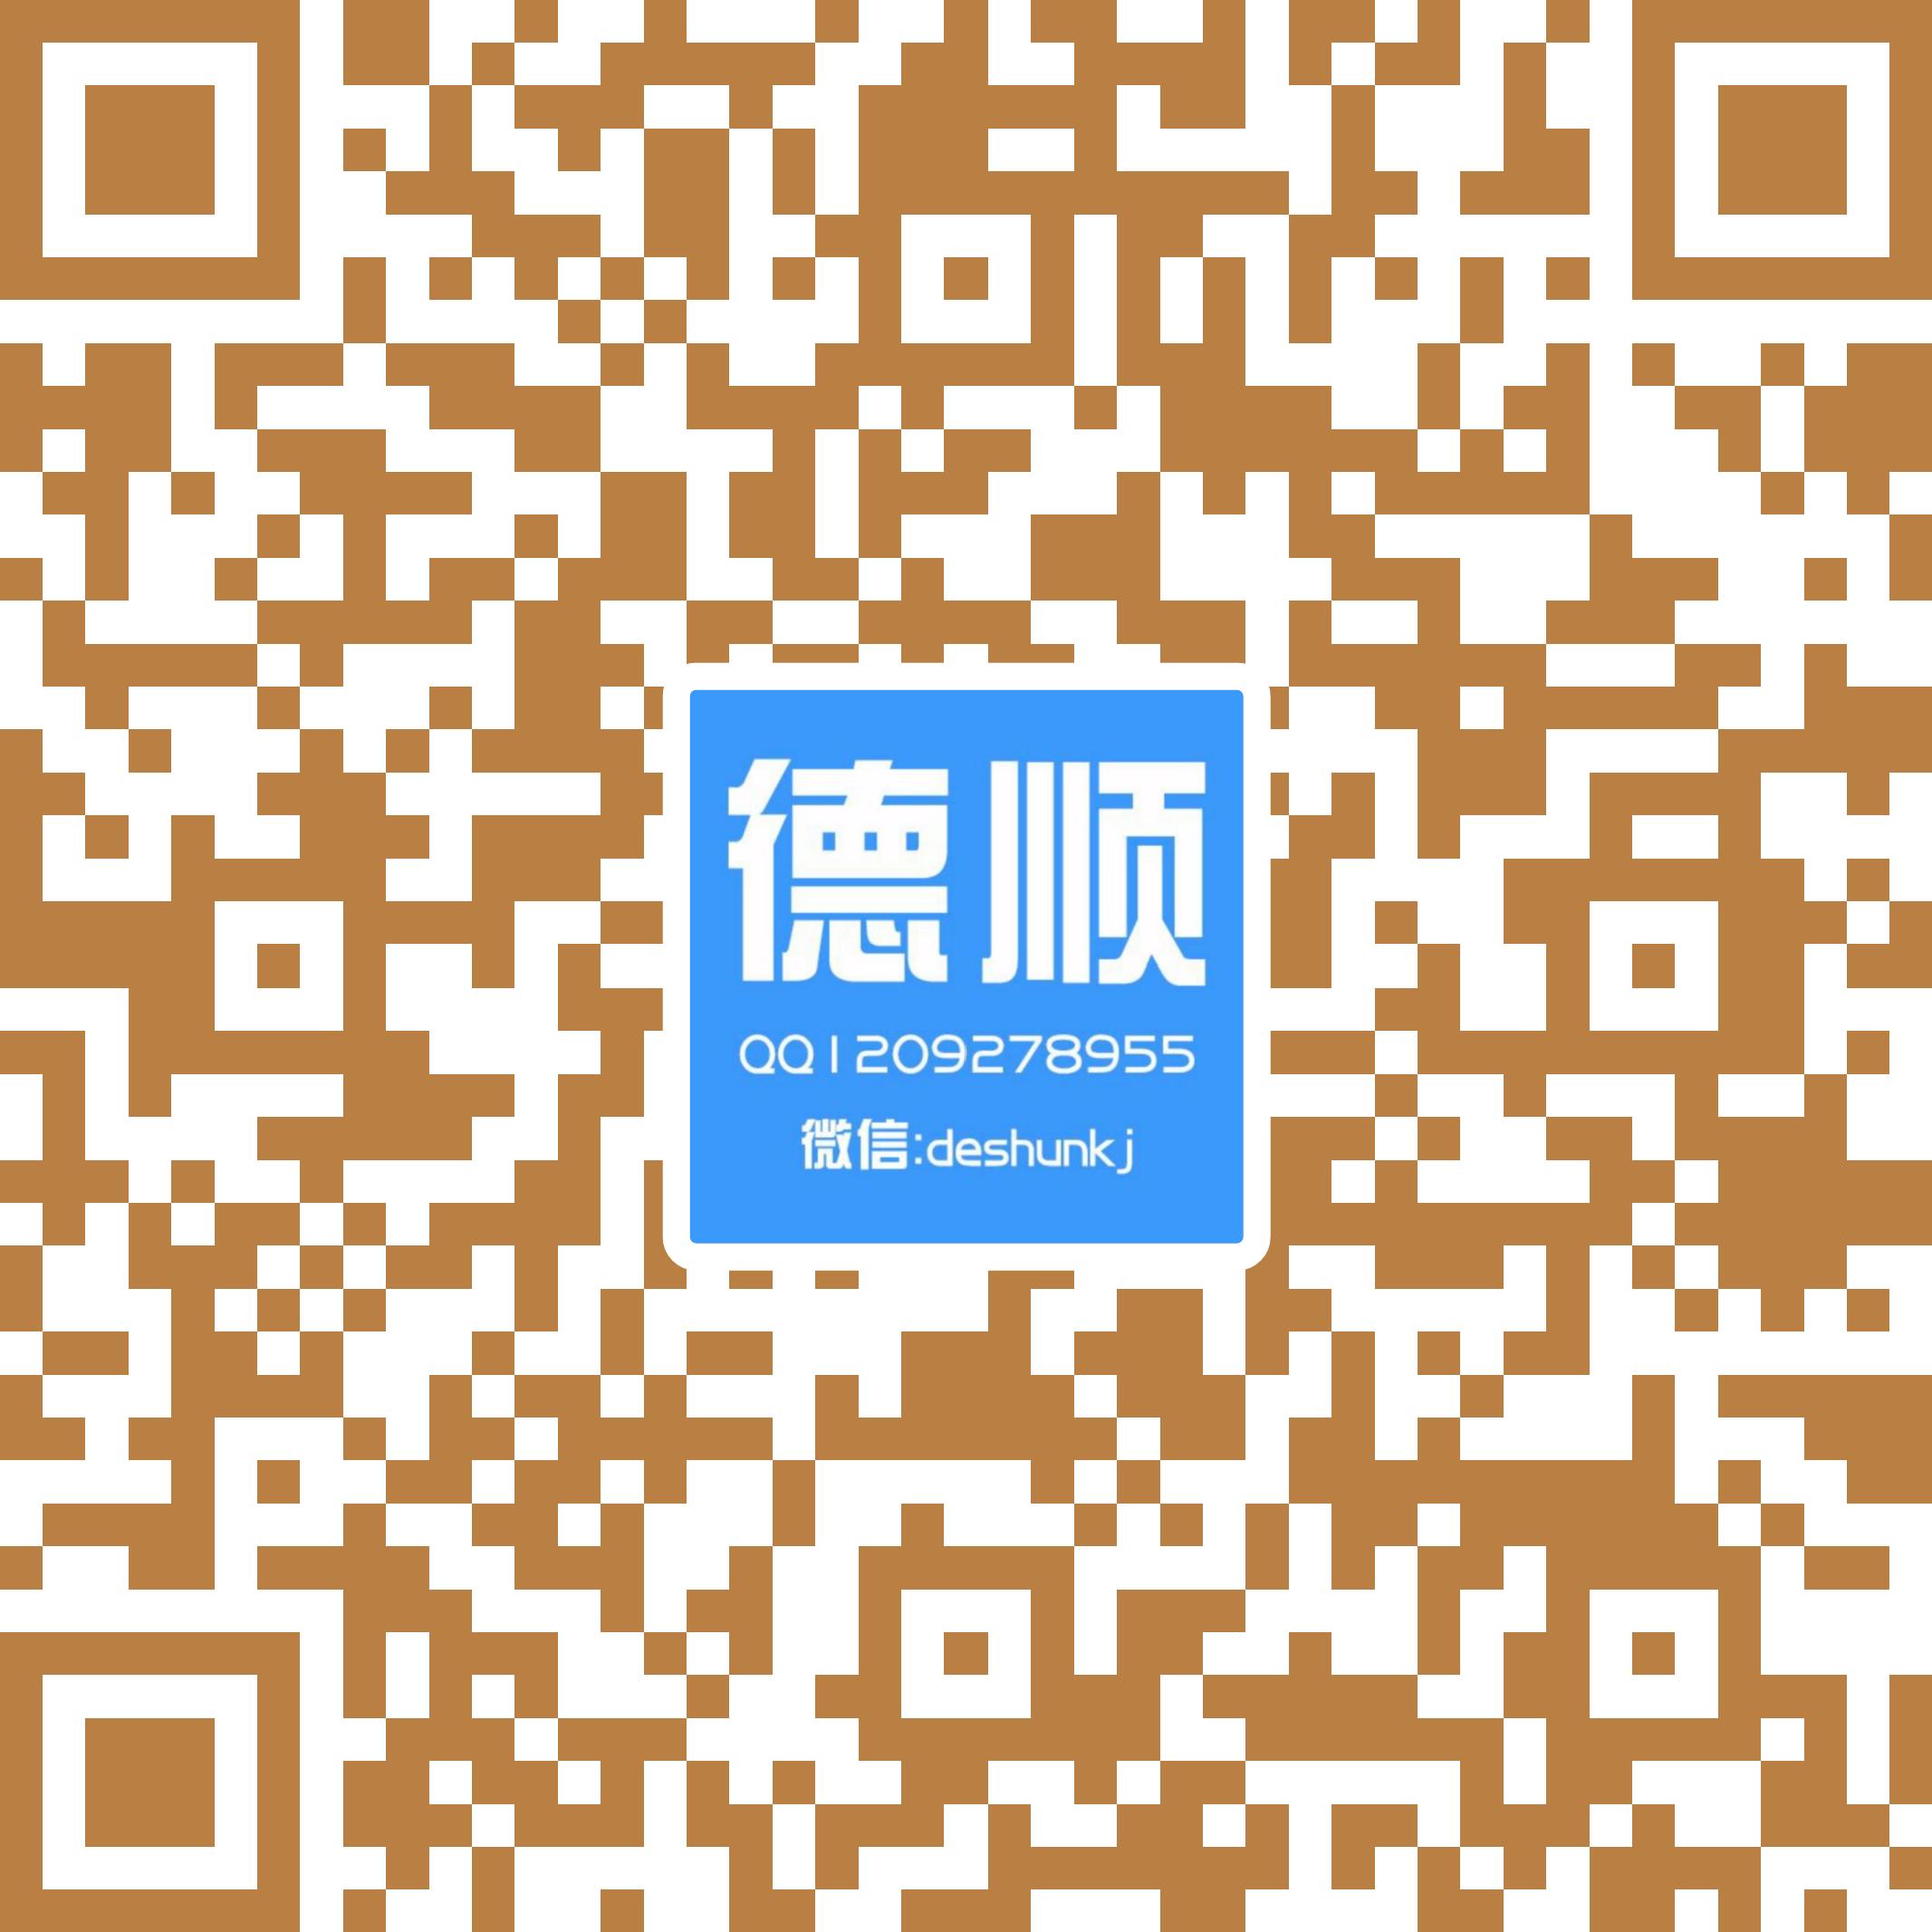 腾讯王卡福利再升级:每月免费送流量/通话 活动线报 第4张